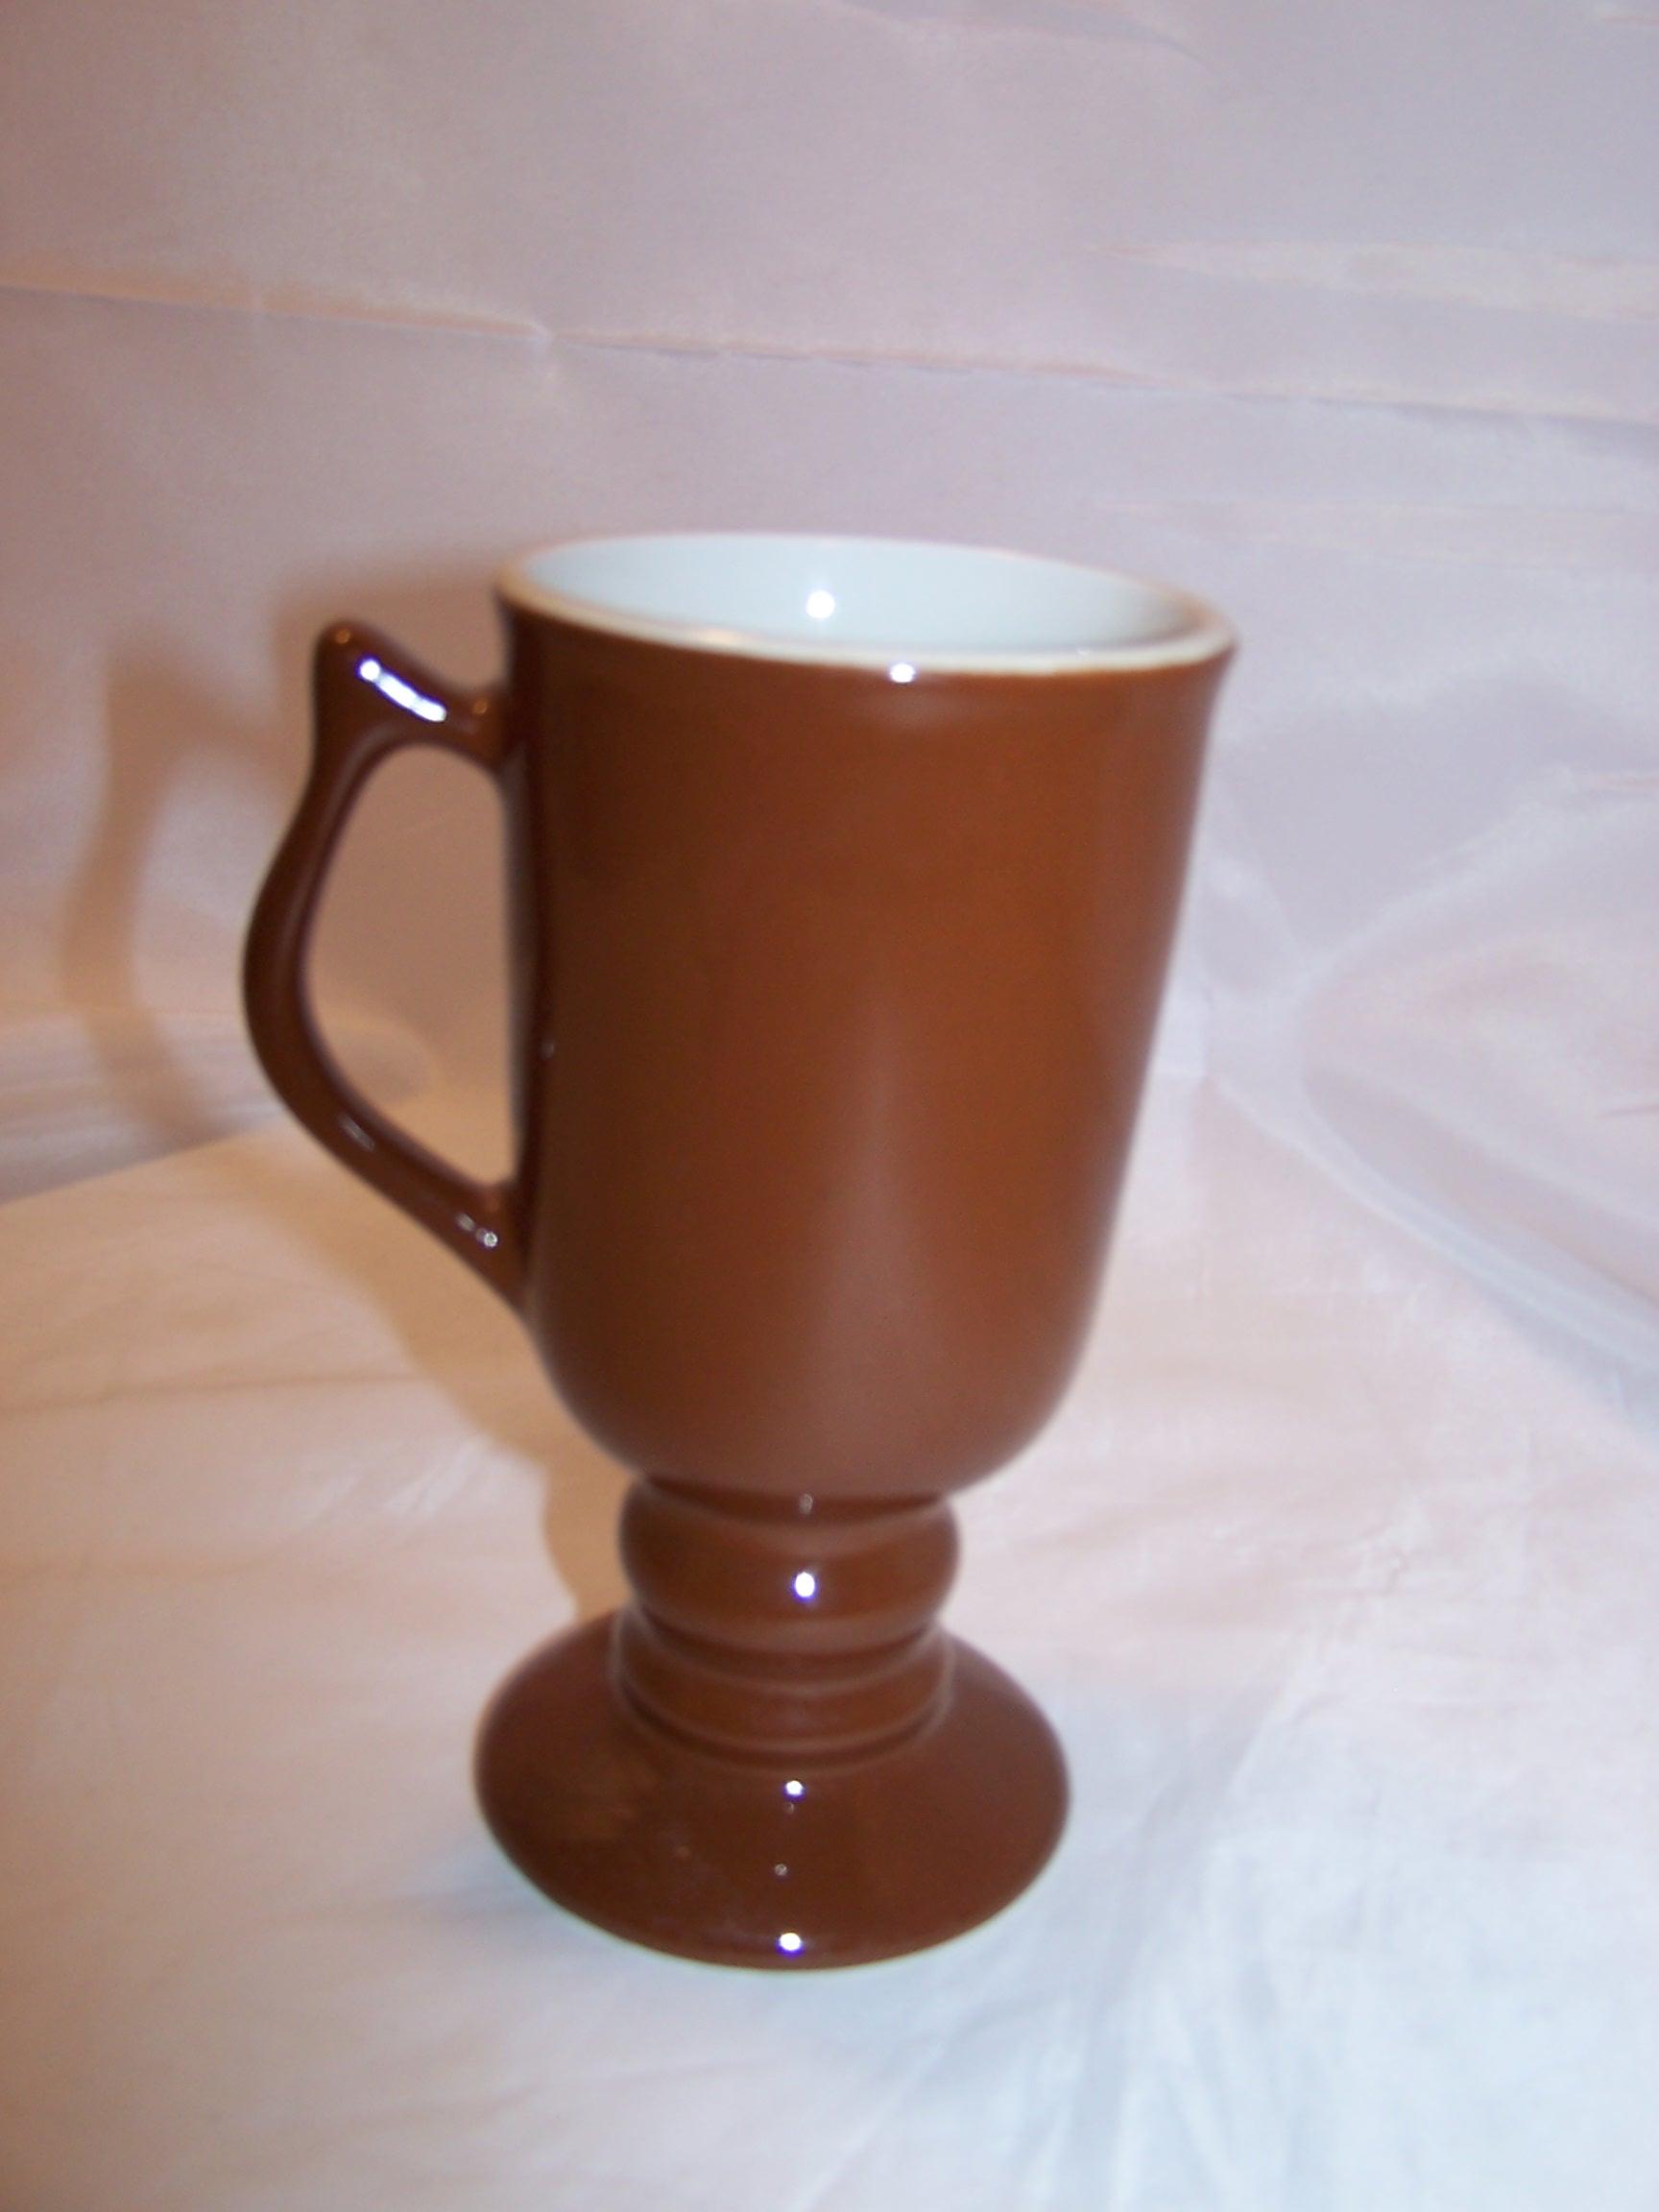 Image 2 of Art Modell Mug, The Pewter Mug